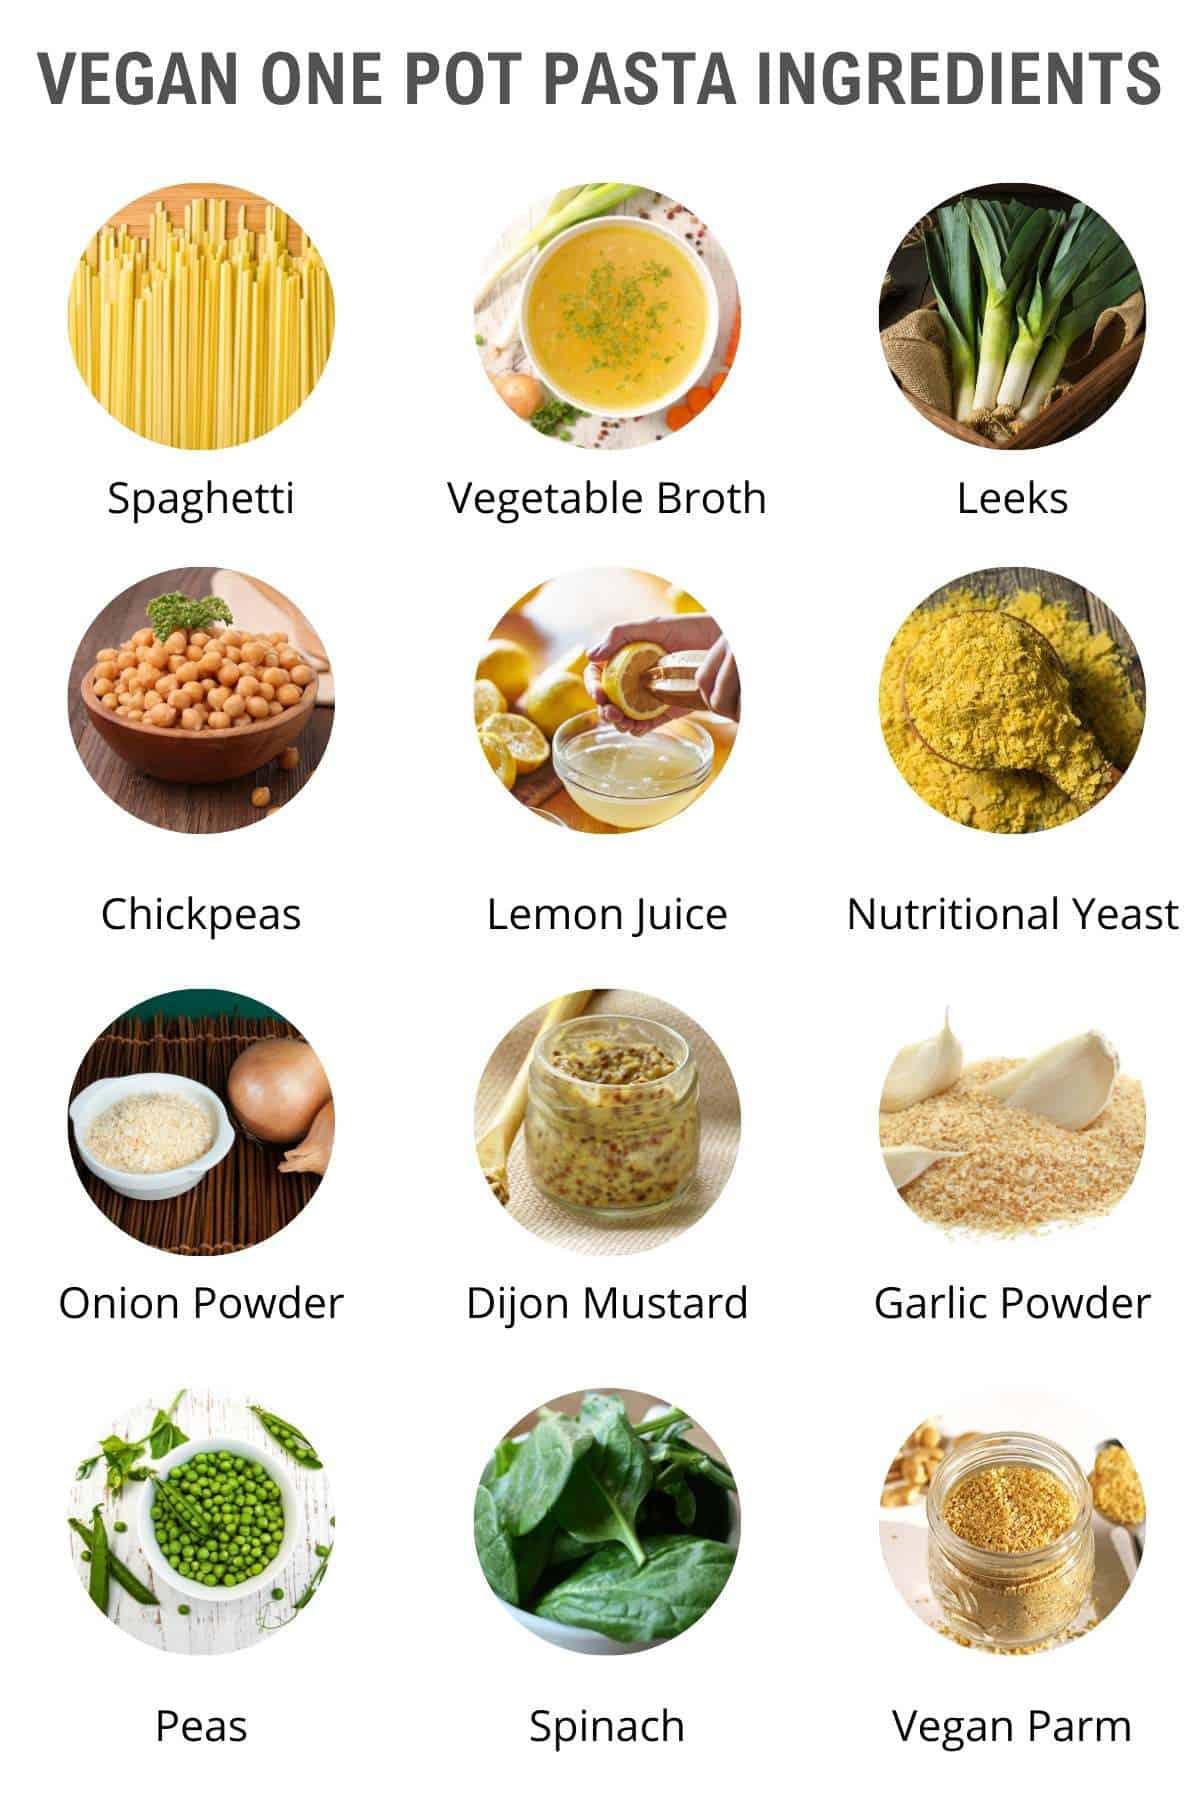 vegan one pot pasta ingredients